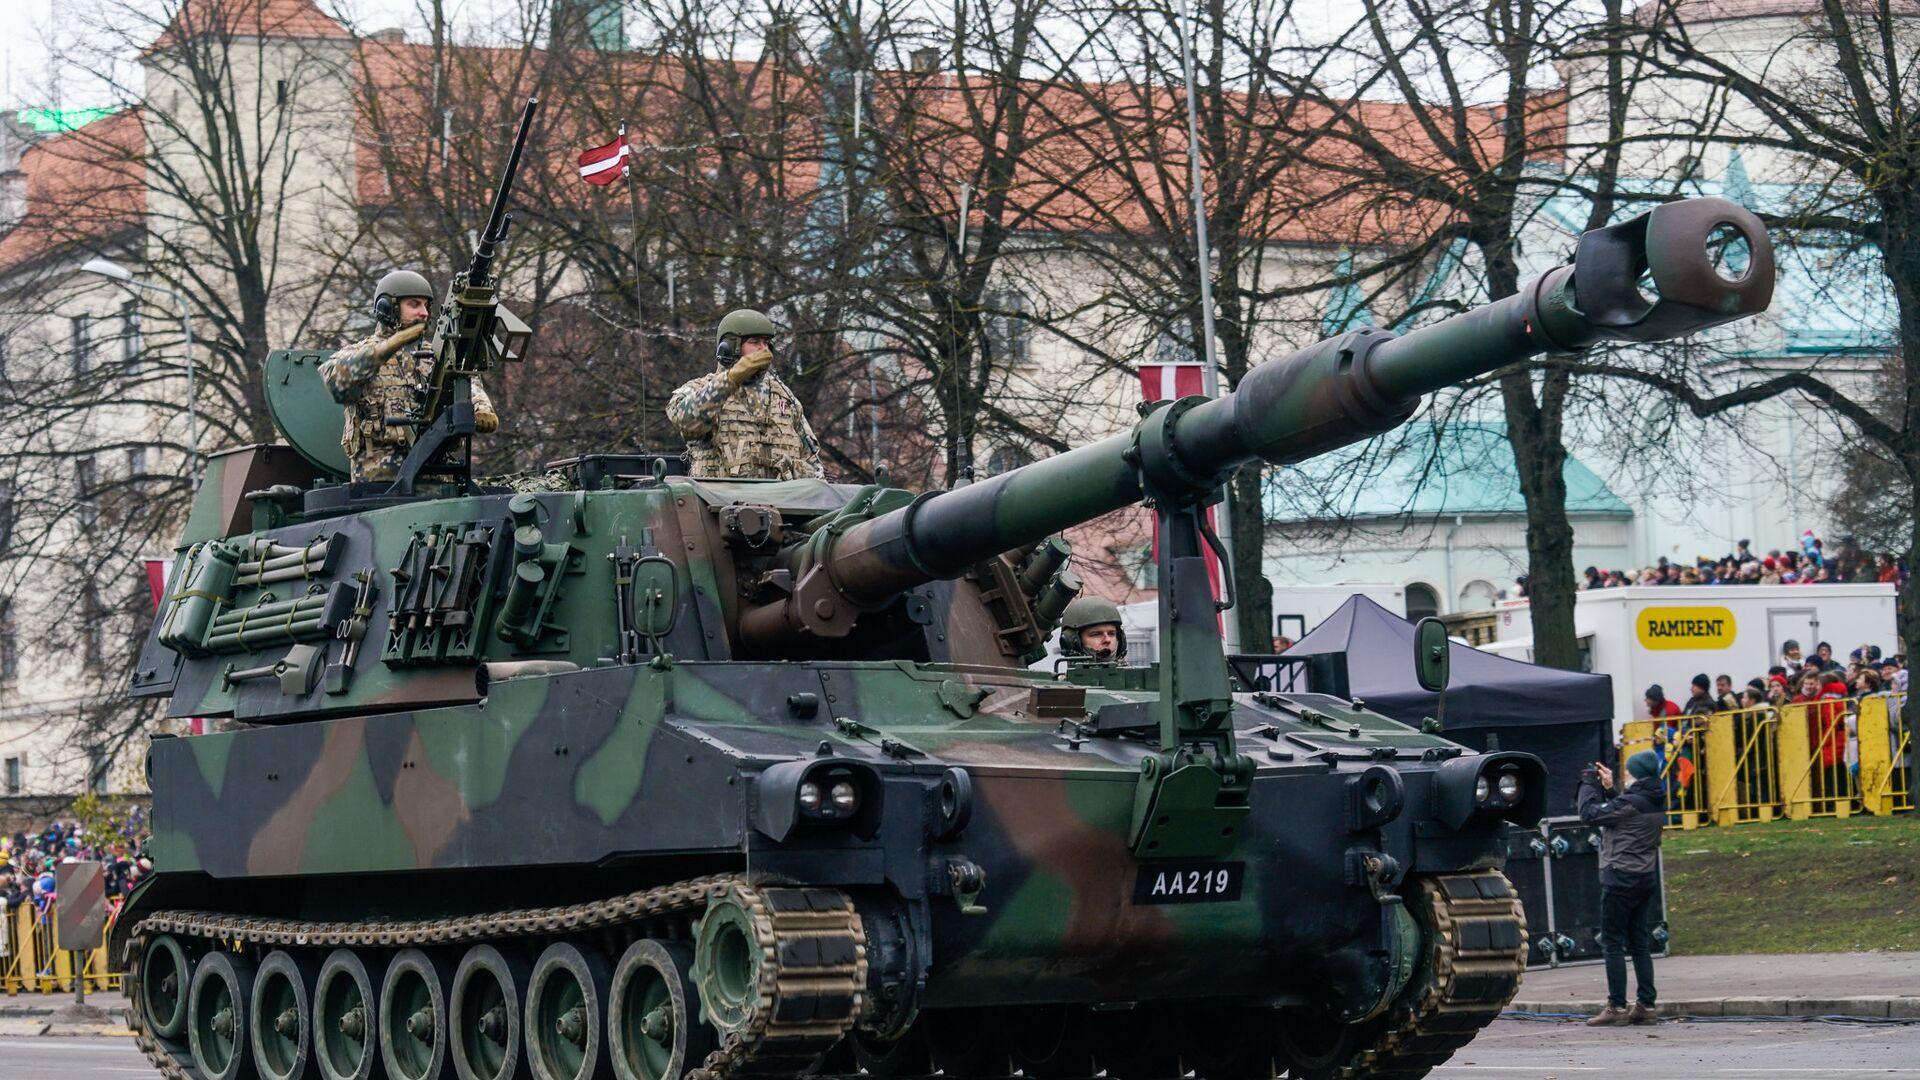 Новое приобретение латвийской армии - самоходные гаубицы M109 A50, калибр 155 мм, дальность стрельбы до 30 км - Sputnik Латвия, 1920, 27.07.2021